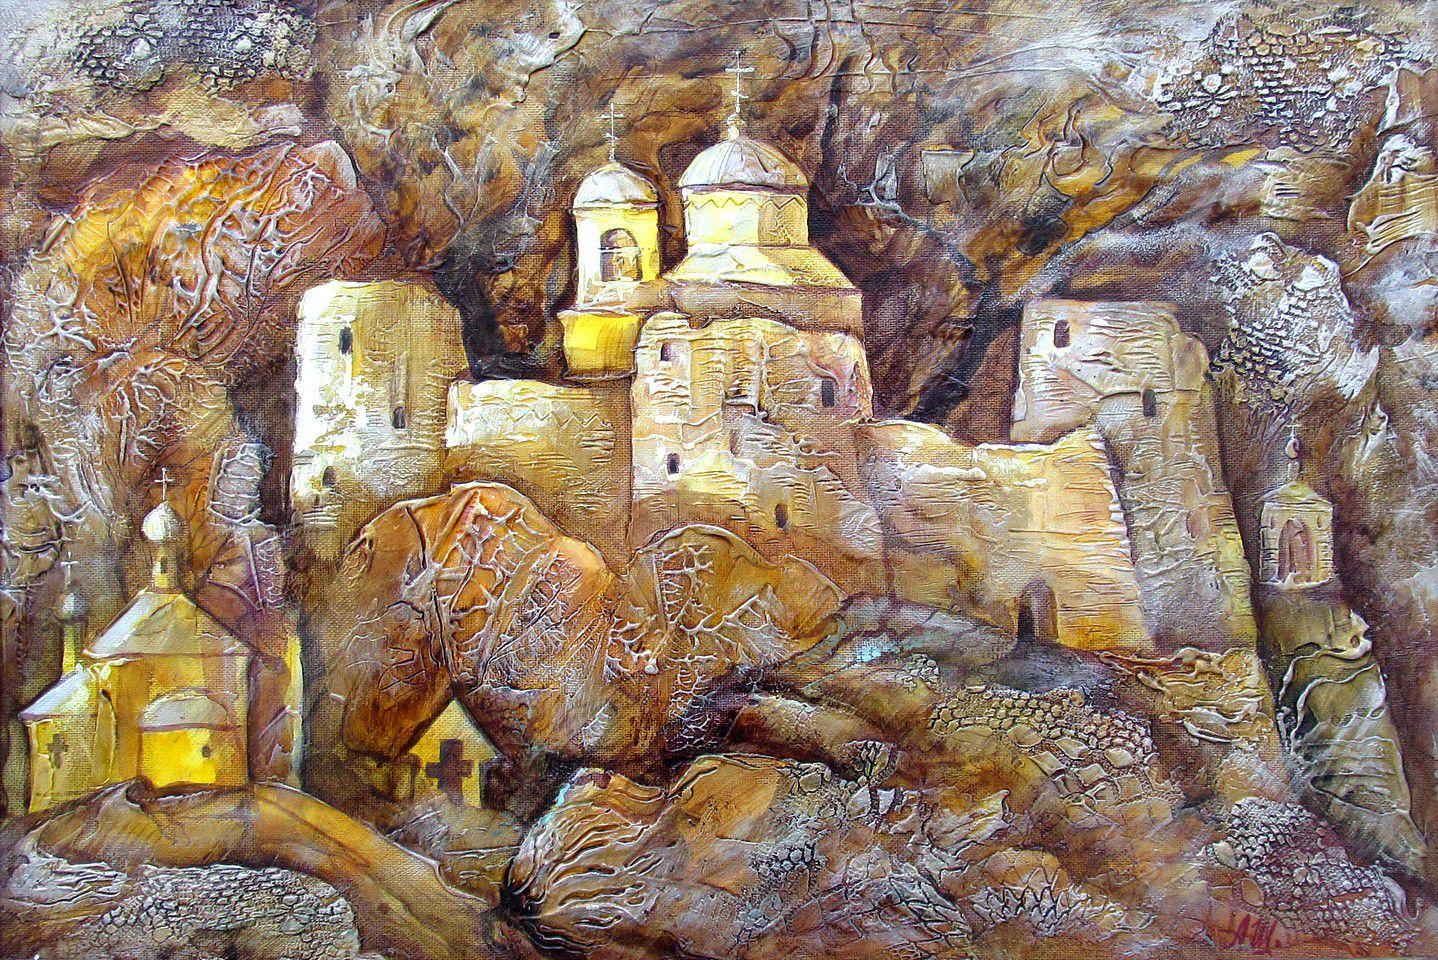 выставка шапоткин псков печоры изборск галереядар живопись художник искусство картина